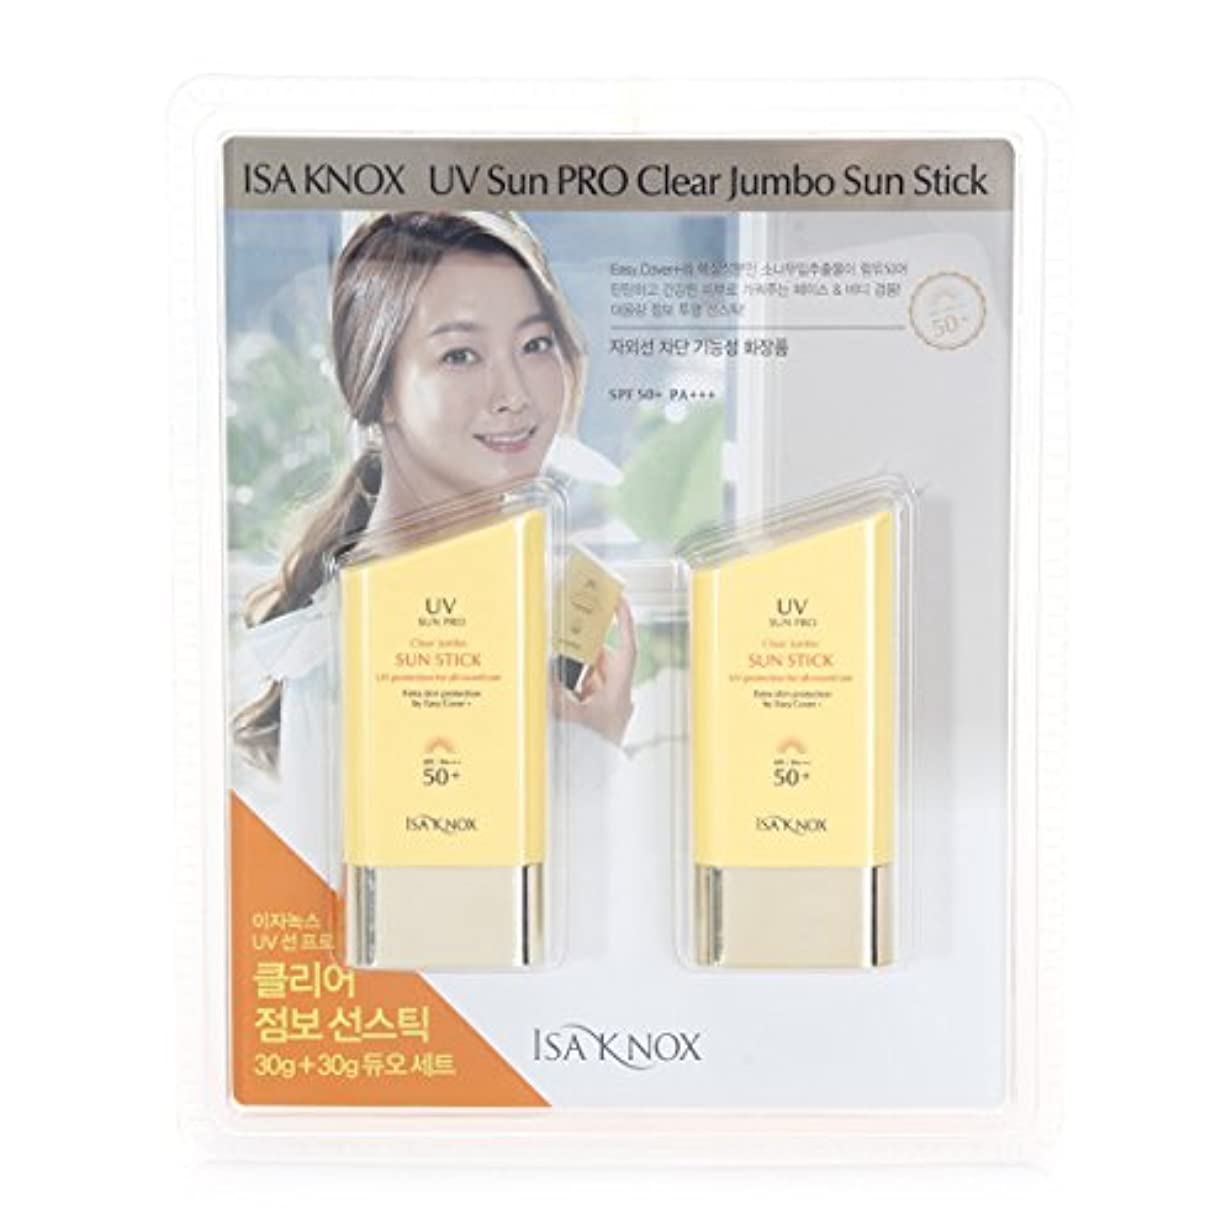 水差し不合格報酬[イザノックス / ISA KNOX] UVサンプロクリアジャンボサンスティック 30g×2個セット / ISA KNOX Sun Pro Clear Jumbo Sun Stick / SPF50+ PA++ / クリアスティック...